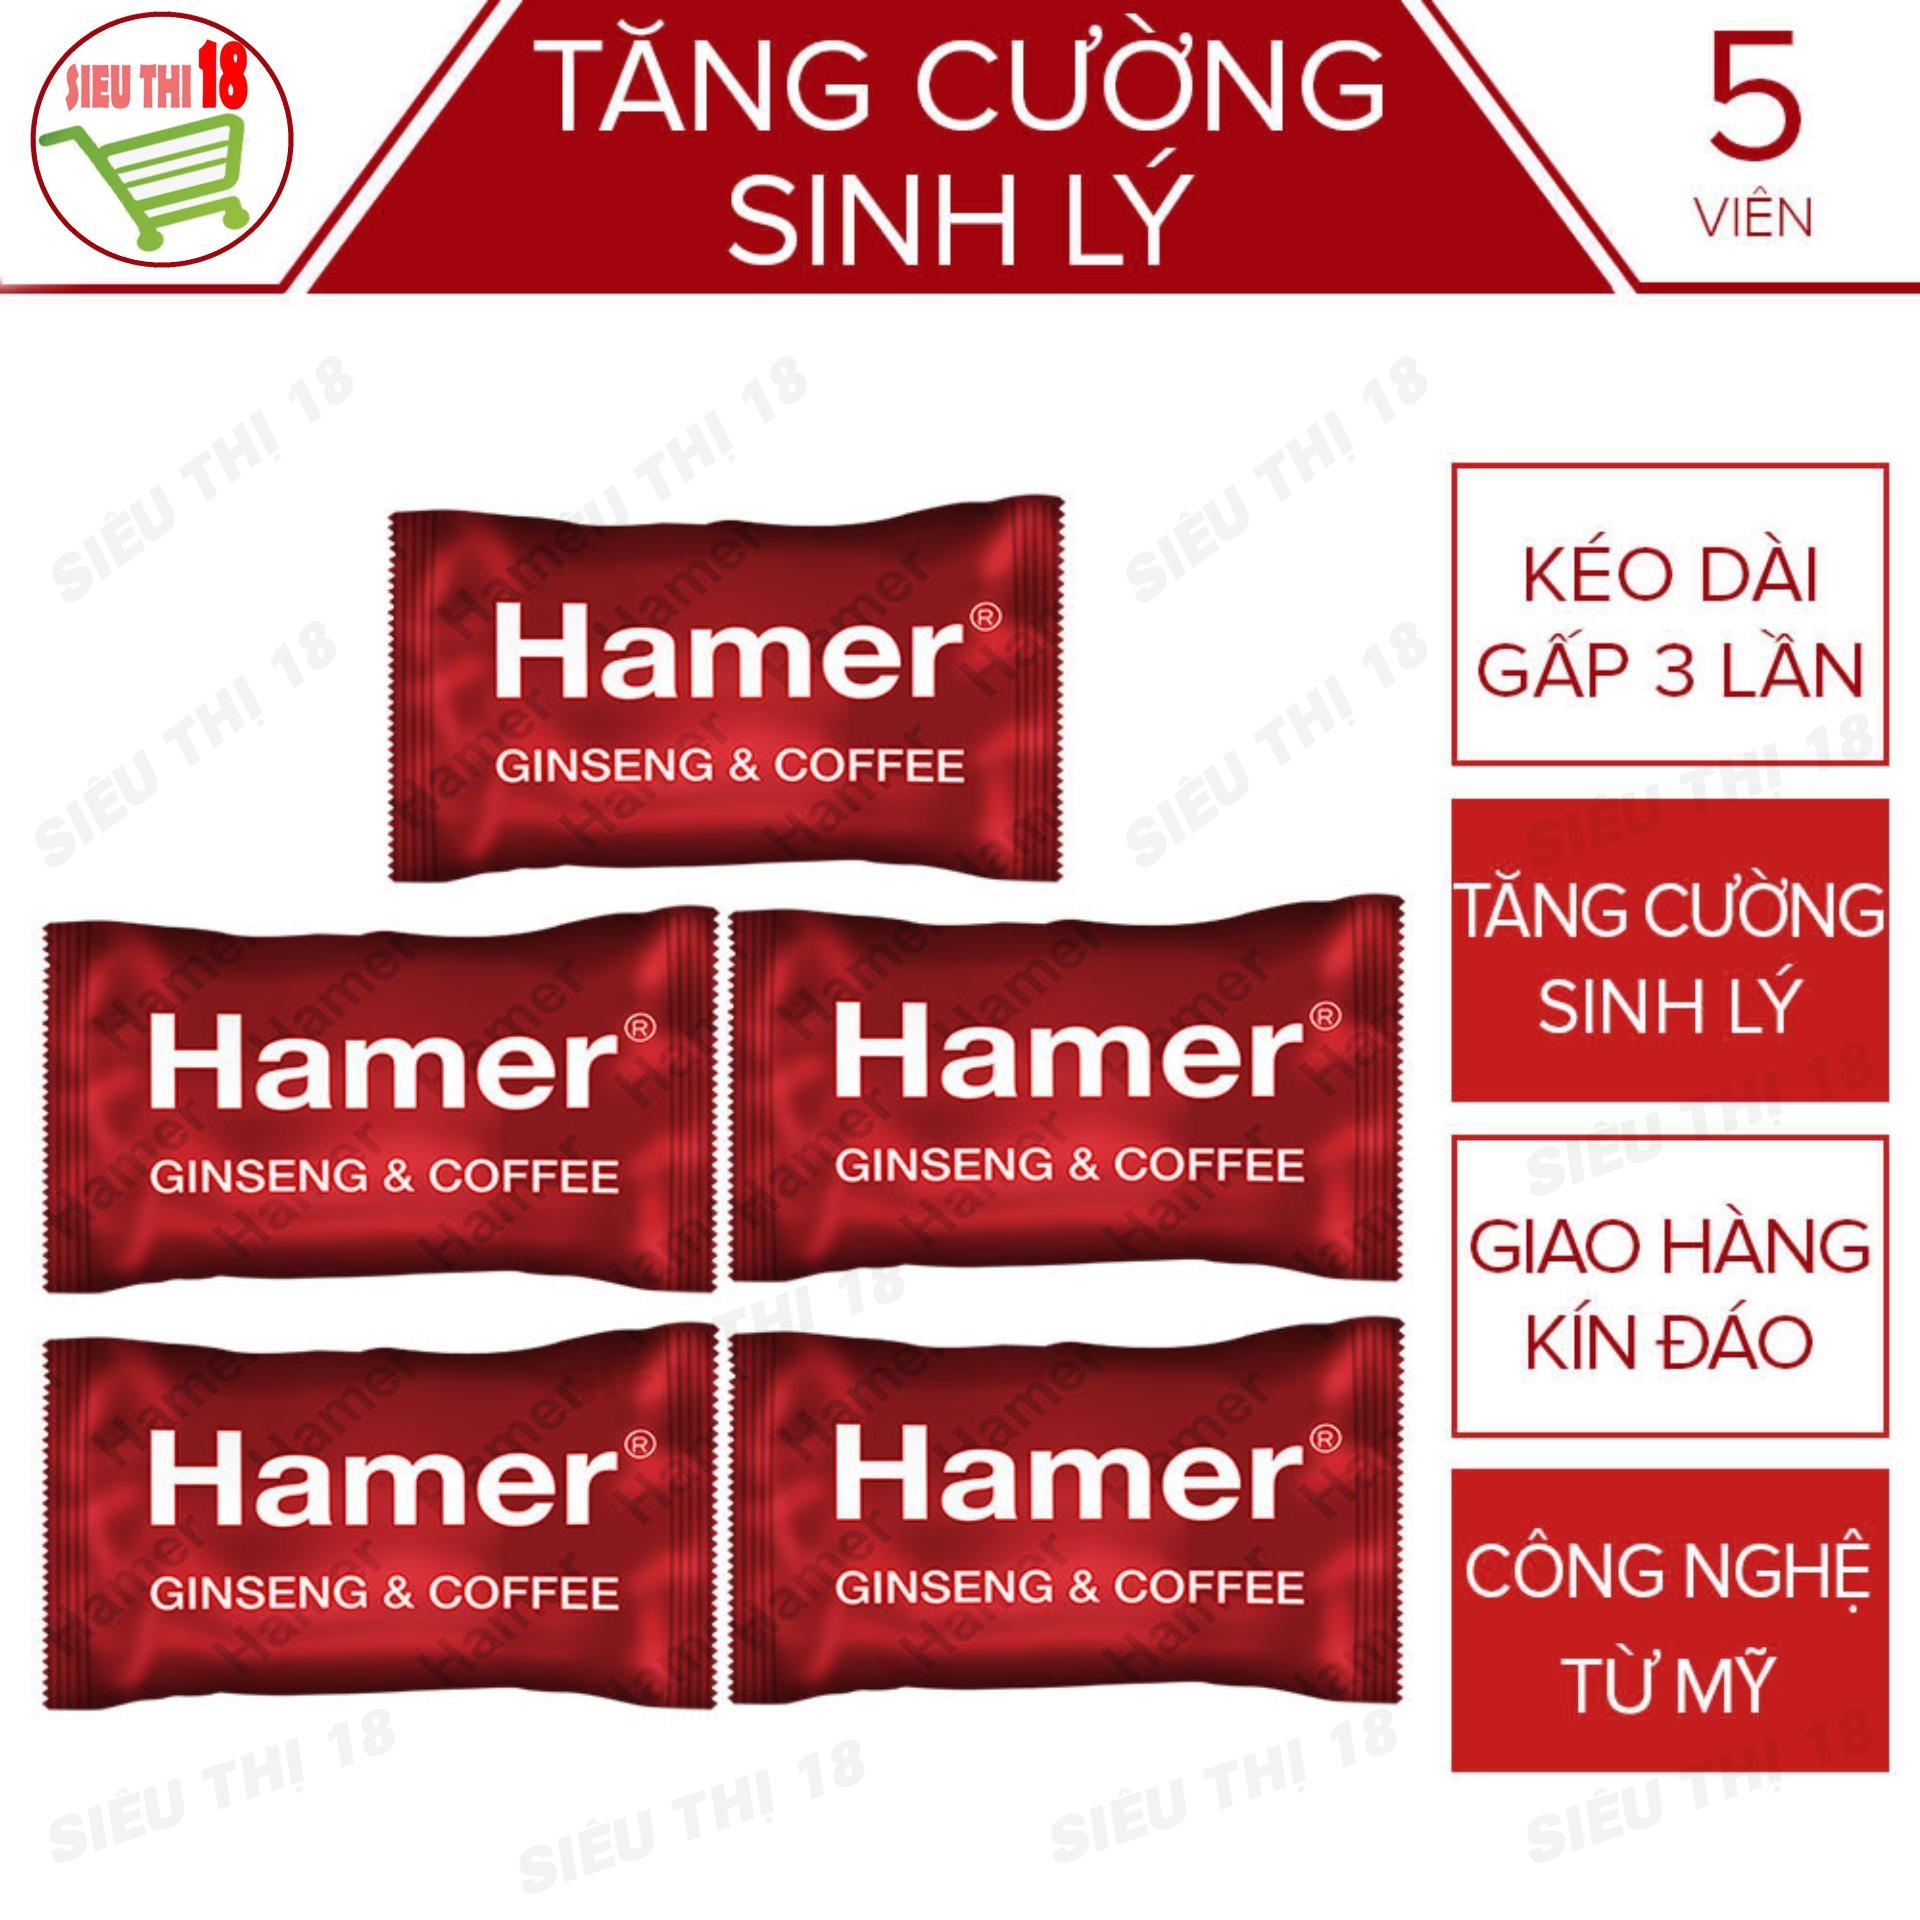 Bộ 5 Kẹo Nhân Sâm Malaysia Hamer - Kéo Dài Thời Gian Cải Thiện Sức Khỏe Nam Giới Tăng Ham Muốn - 5 Viên - sieuthi18 cao cấp